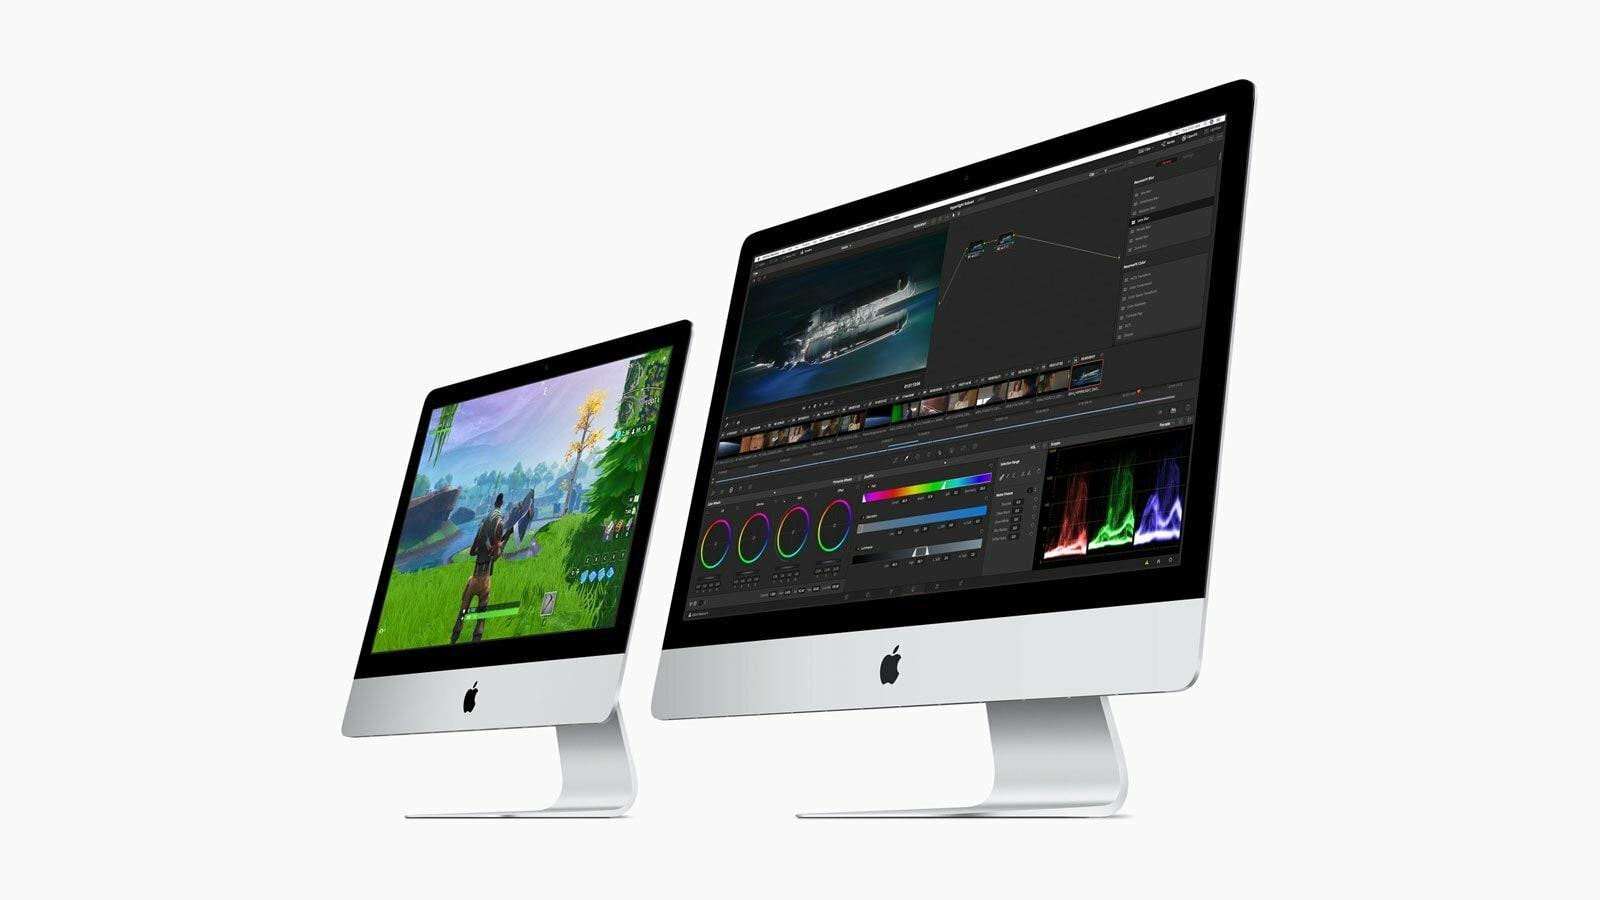 Η επέλαση της Apple: νέα AirPods, iPad Air, iPad mini και iMac